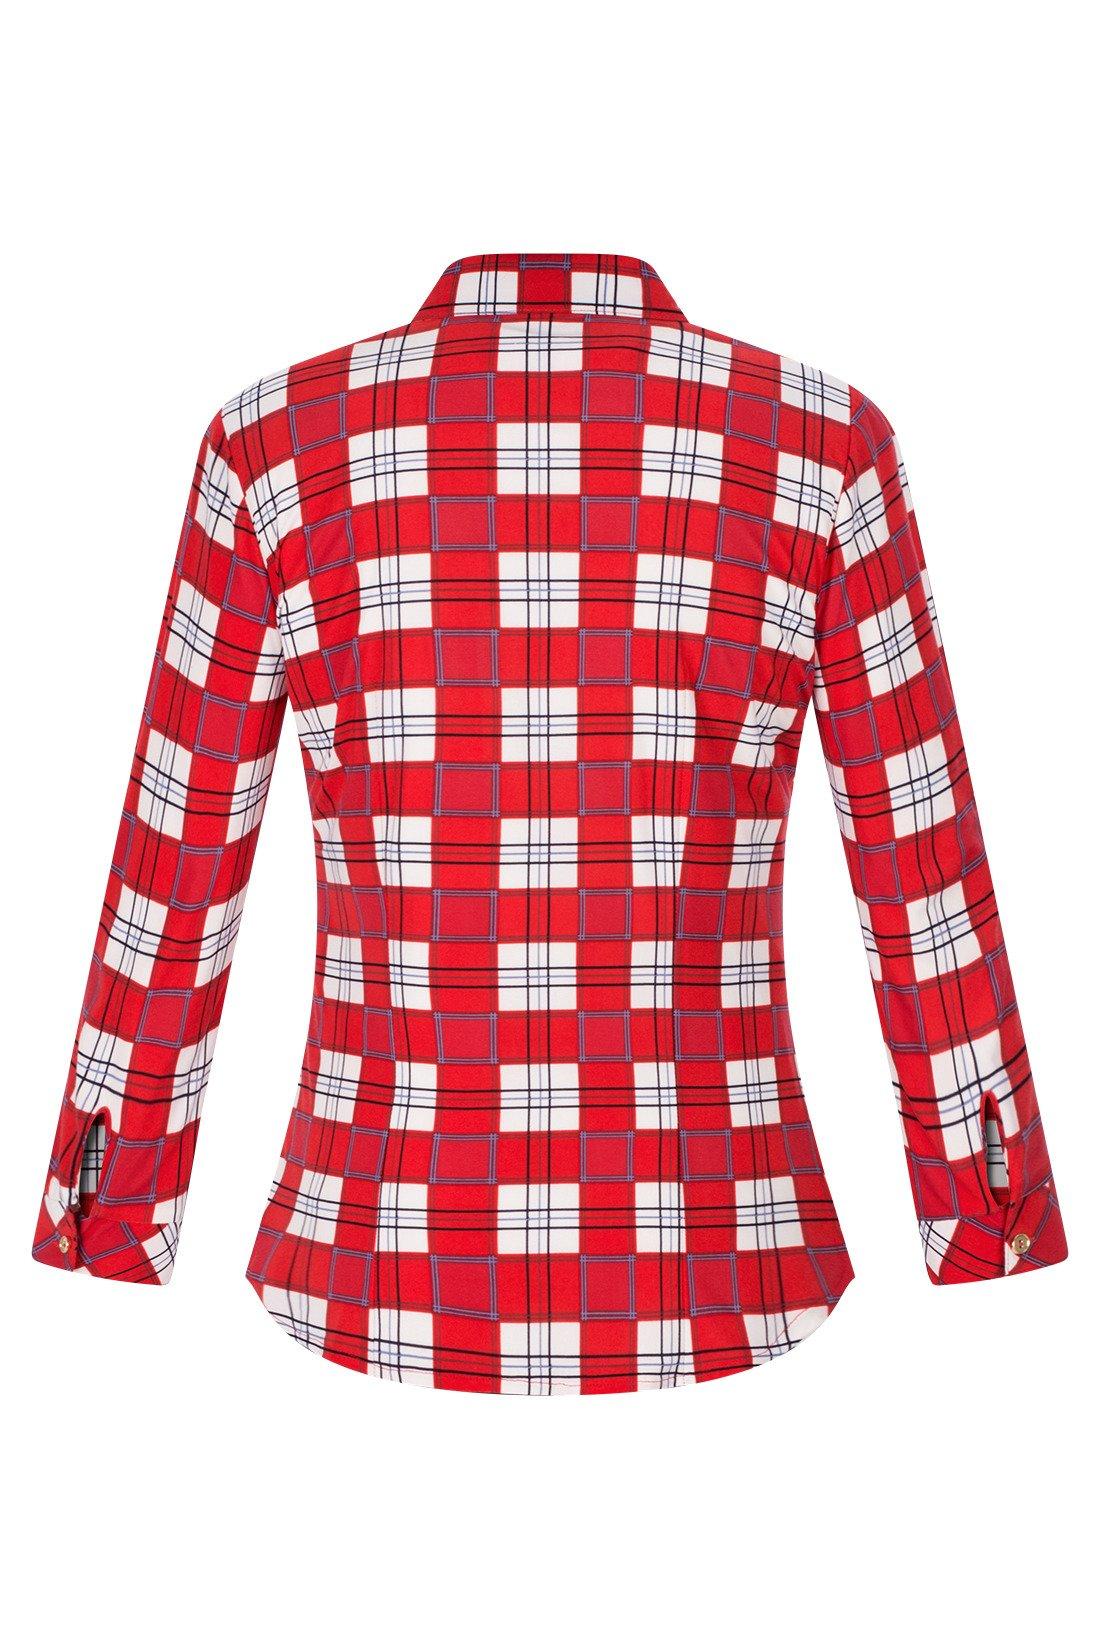 9e507d40 Bluzka damska czerwono-biała w kratkę z kołnierzykiem